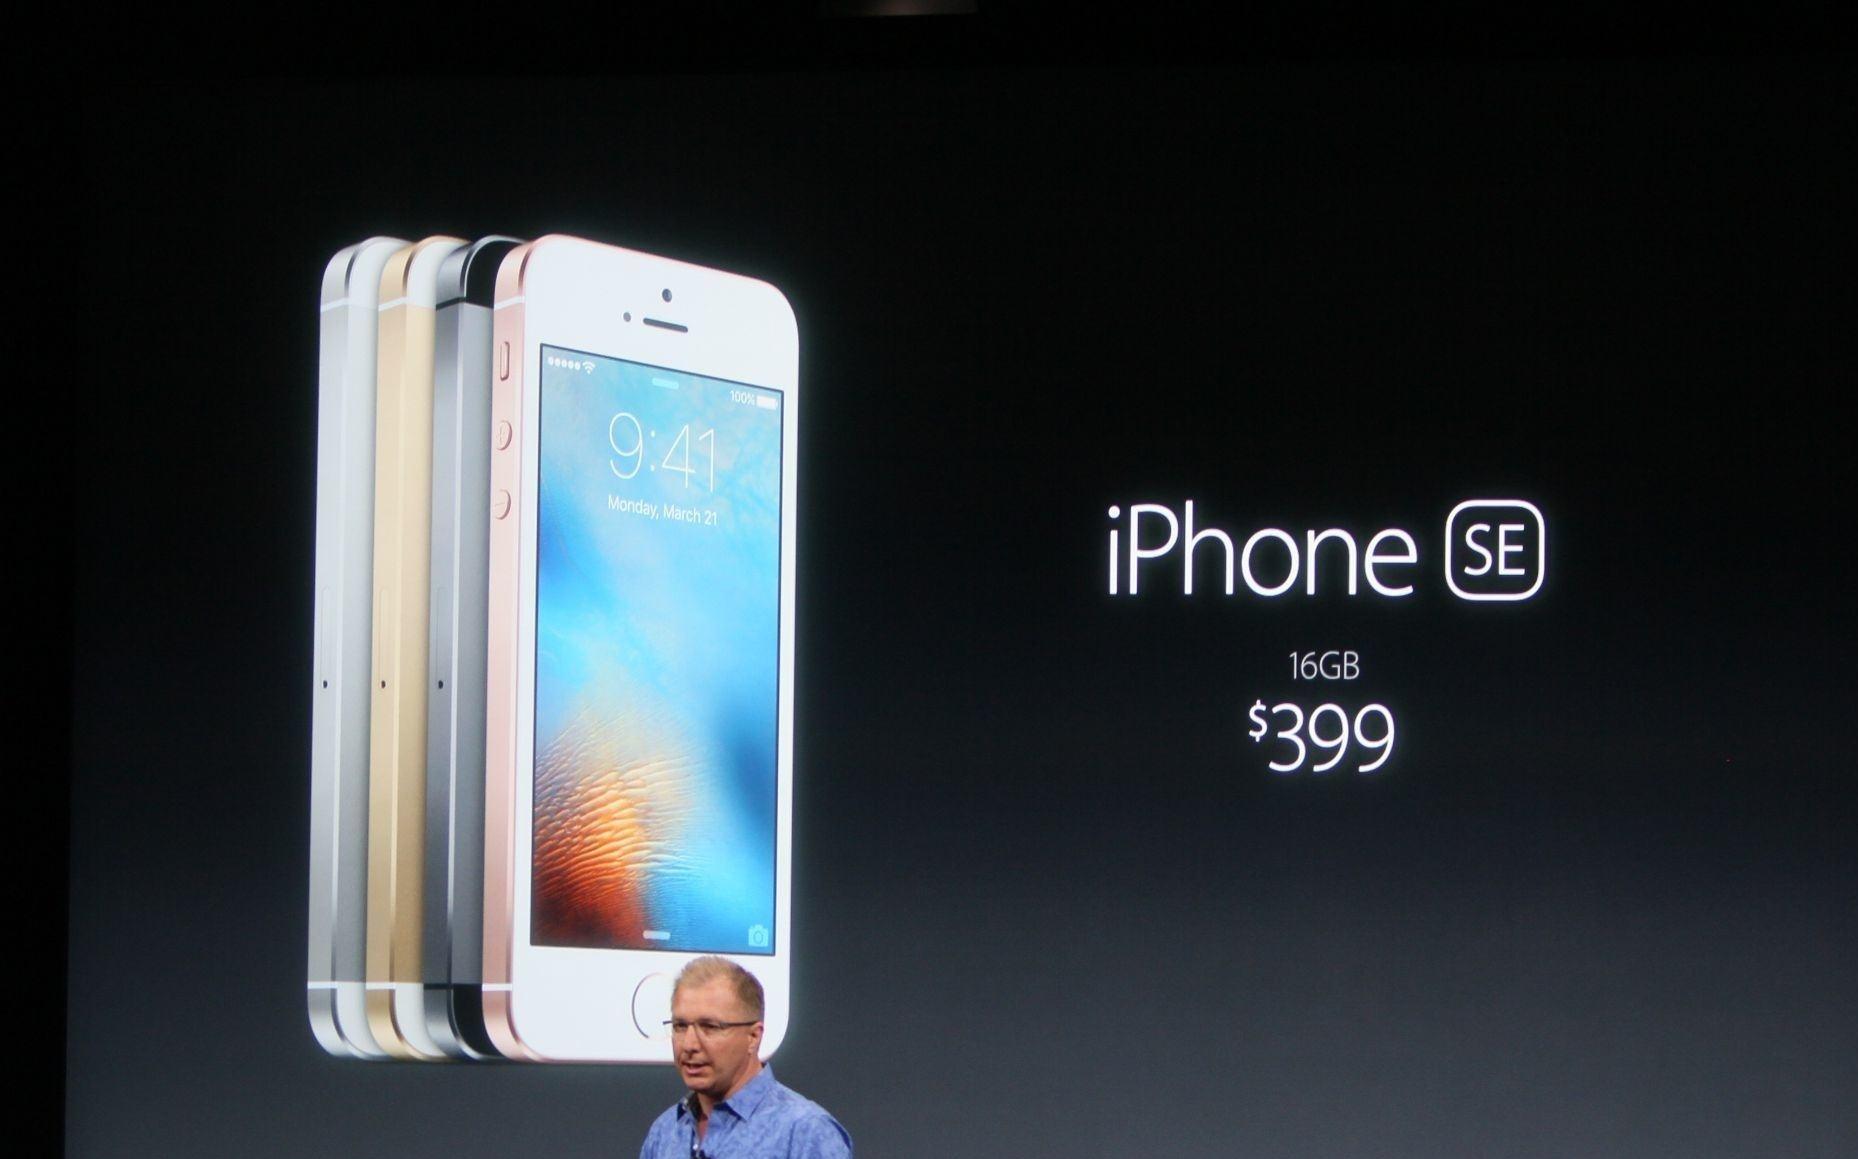 iPhone9要来了!接棒苹果SE,16GB版本399美元起买吗?